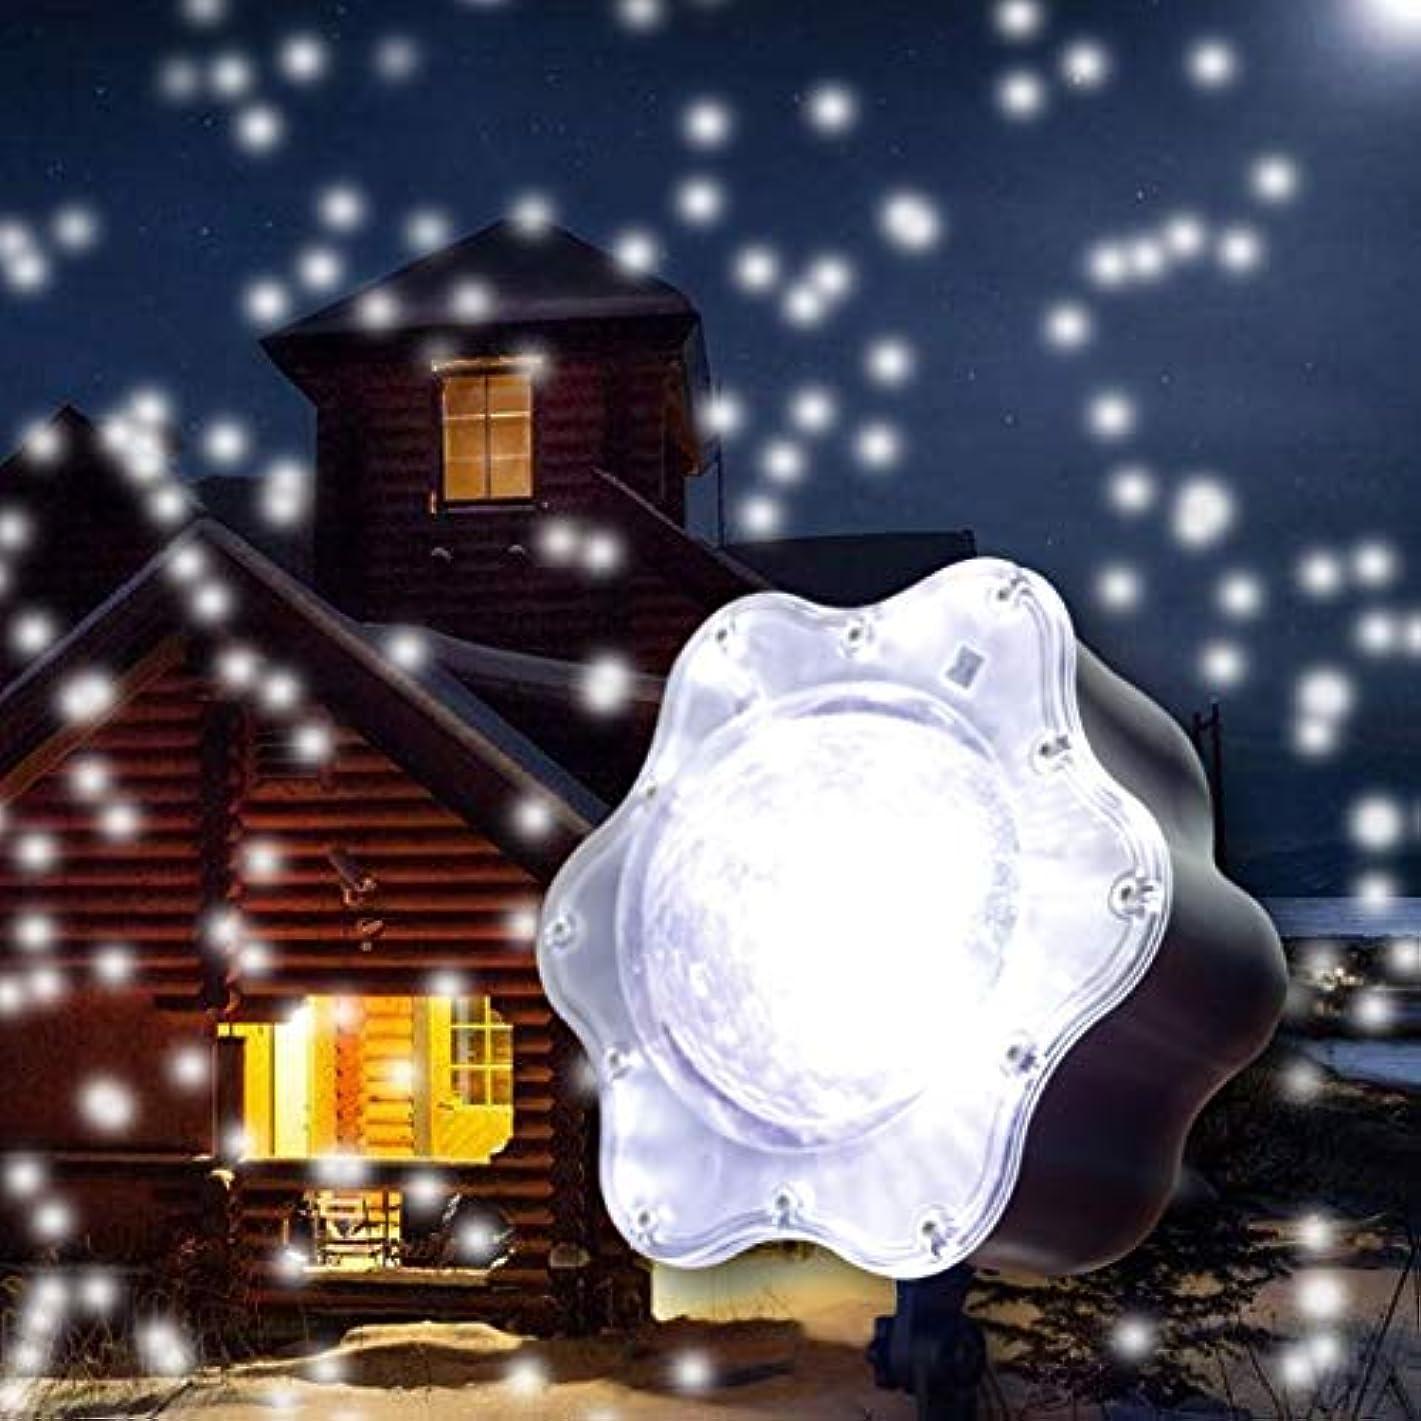 葉を集める怖がらせる同等のナイトライトプロジェクター - 暖かいロマンチックな雪クリスマスプロジェクタースポットライトLED屋内外ガーデンパーティークリスマスホリデー (版 : UK PLUG)